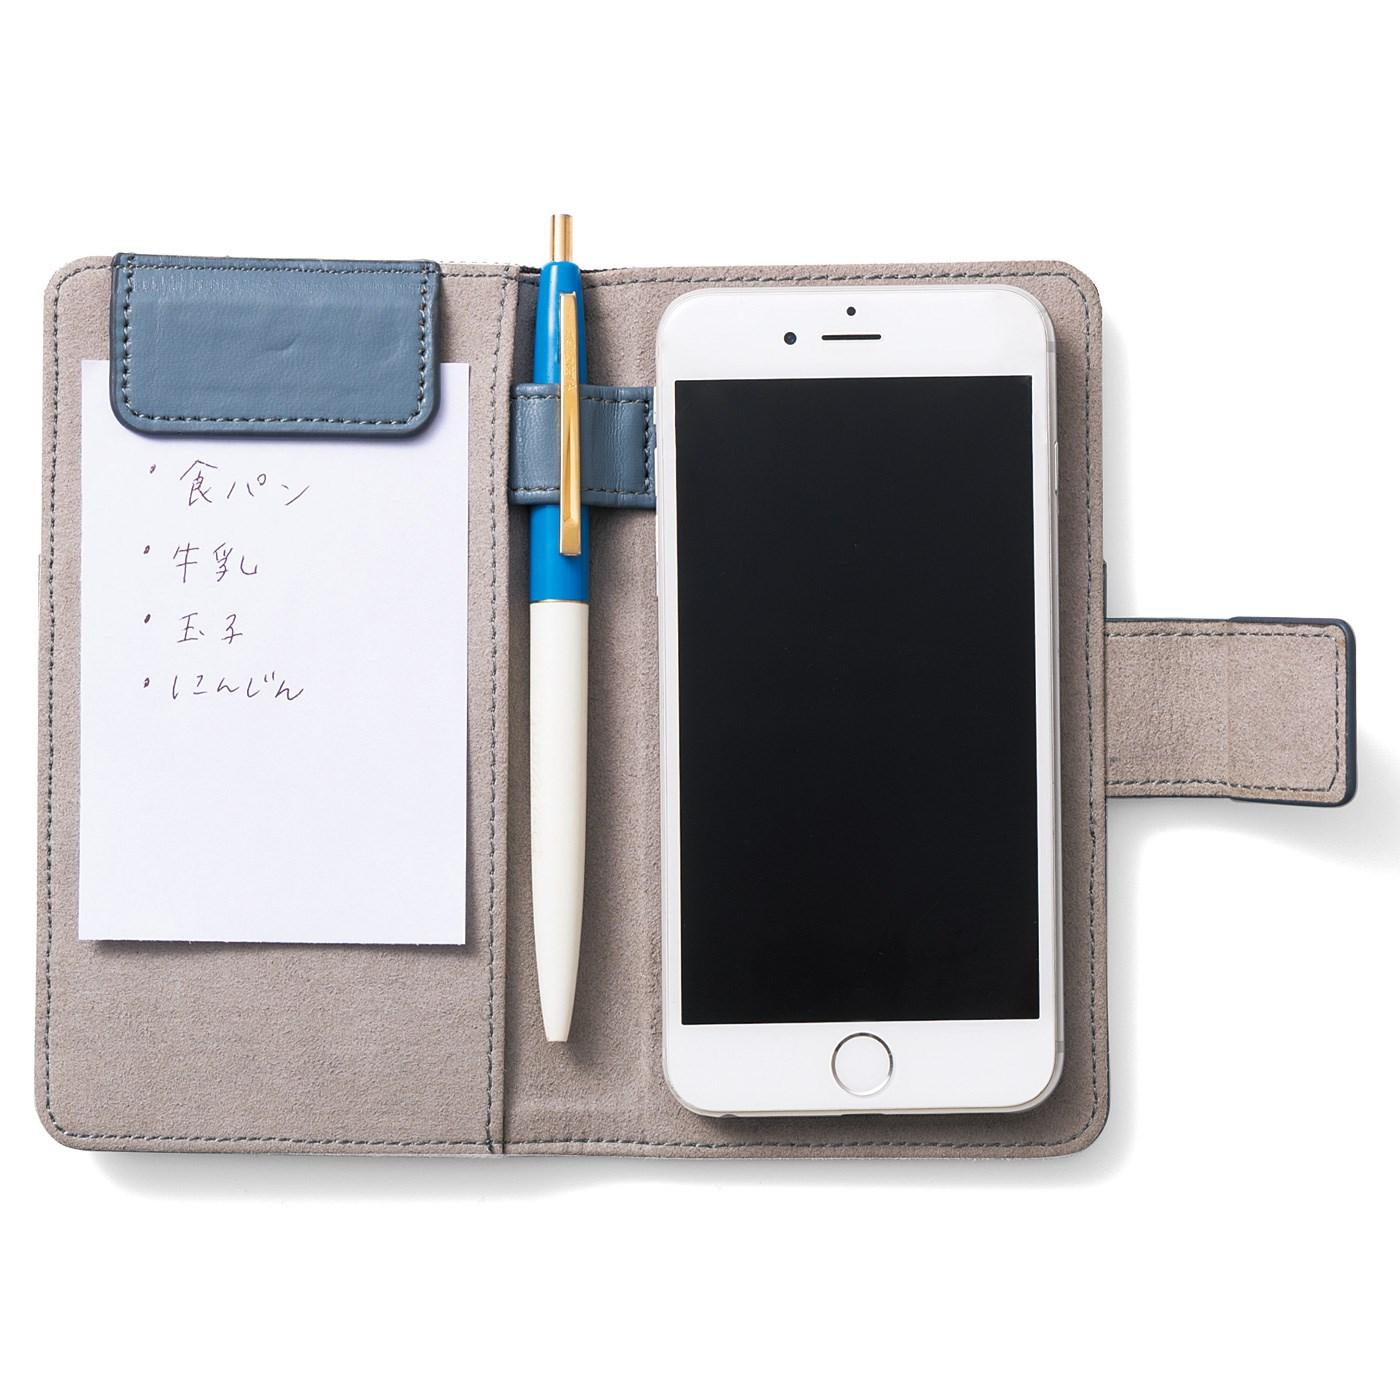 フェリシモ メモクリップ付きスマートフォンケース